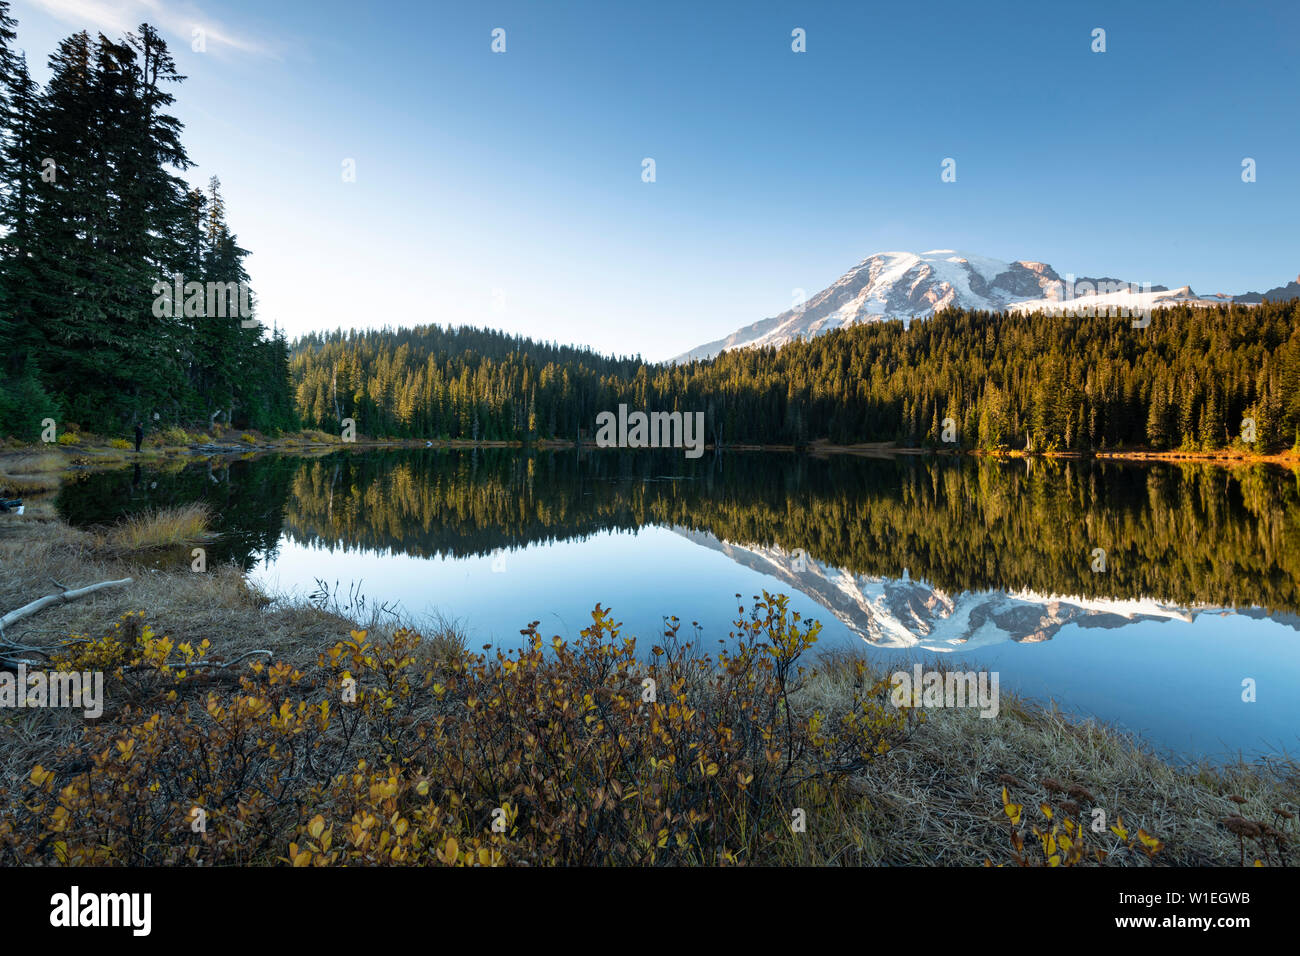 Reflet Lac, Mount Rainier National Park, l'État de Washington, États-Unis d'Amérique, Amérique du Nord Banque D'Images